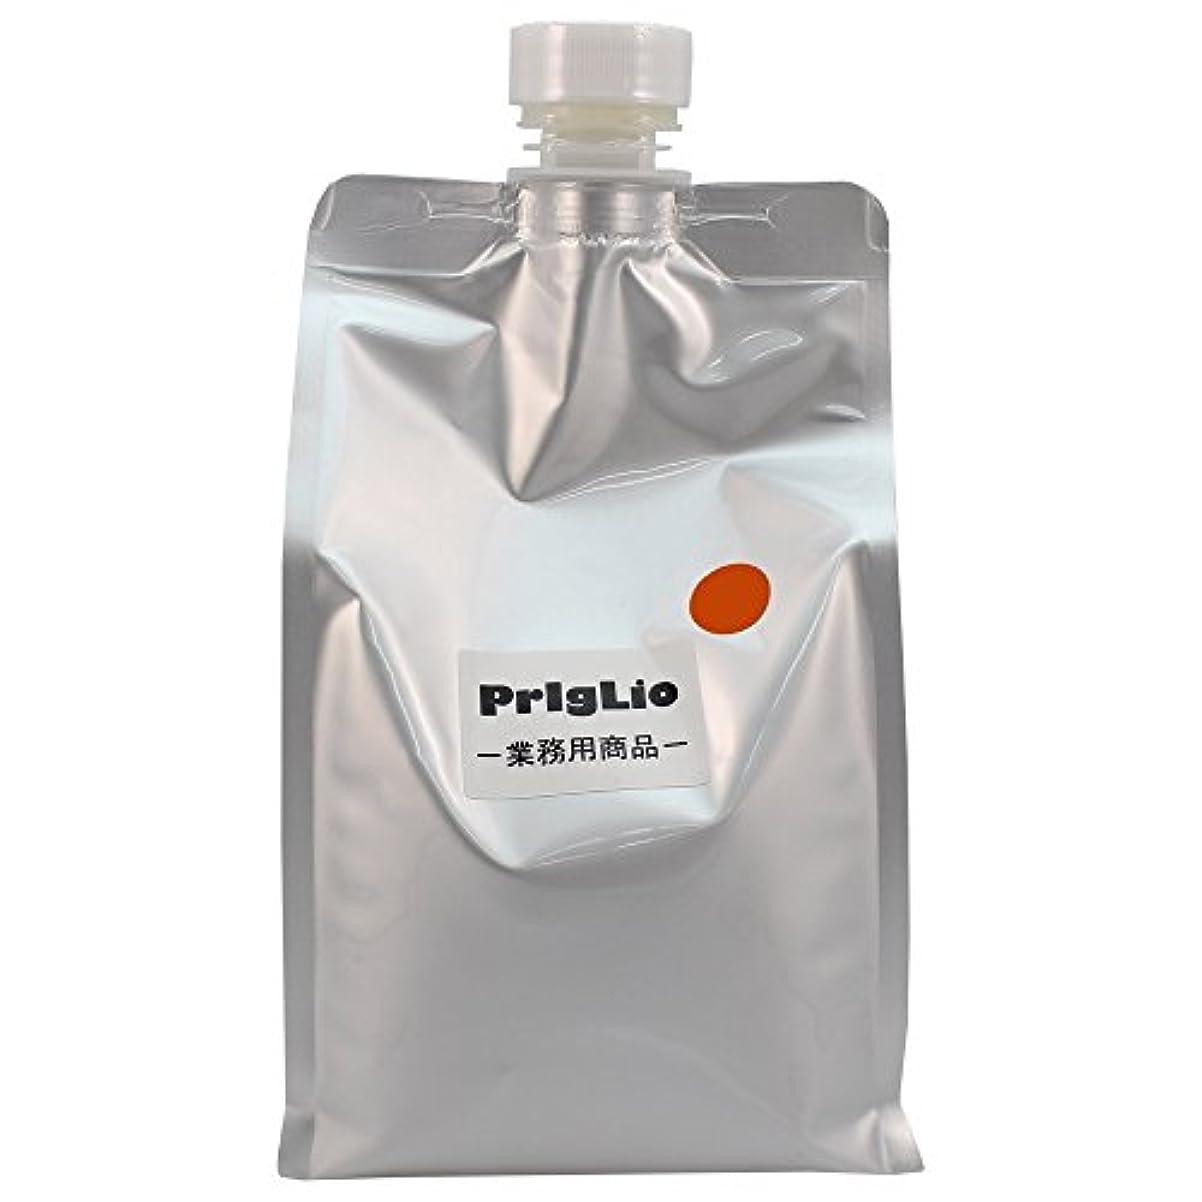 放置スーパー合併症プリグリオD ヘアサプリメント オレンジ 900ml